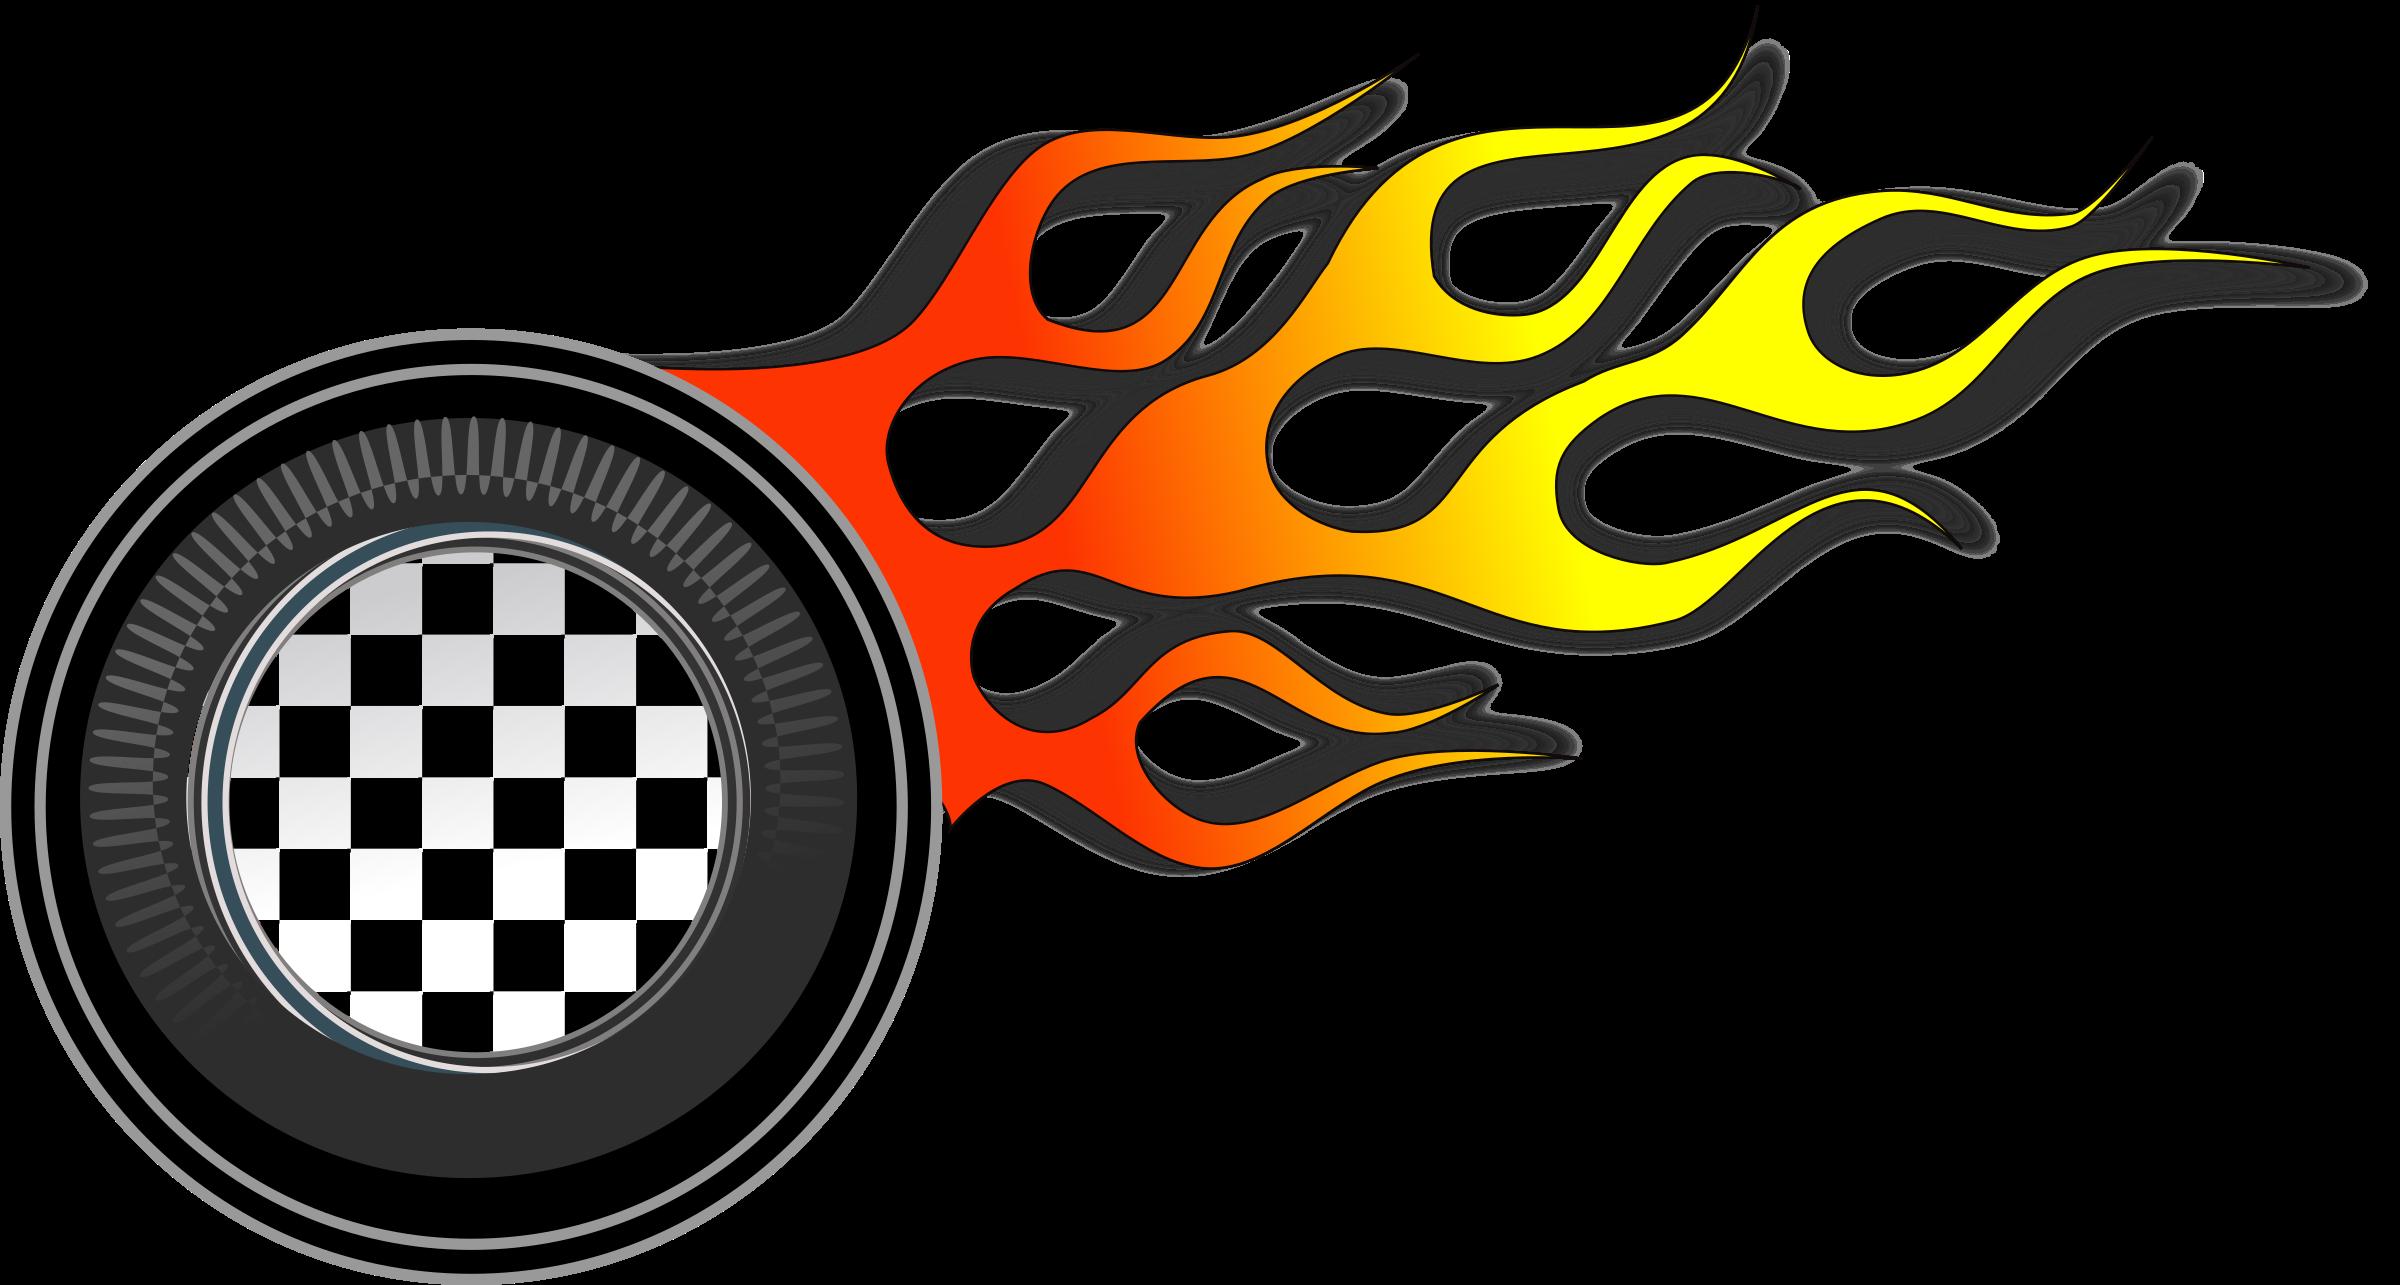 Car burnout clipart png transparent download Clipart - Racing Wheel png transparent download